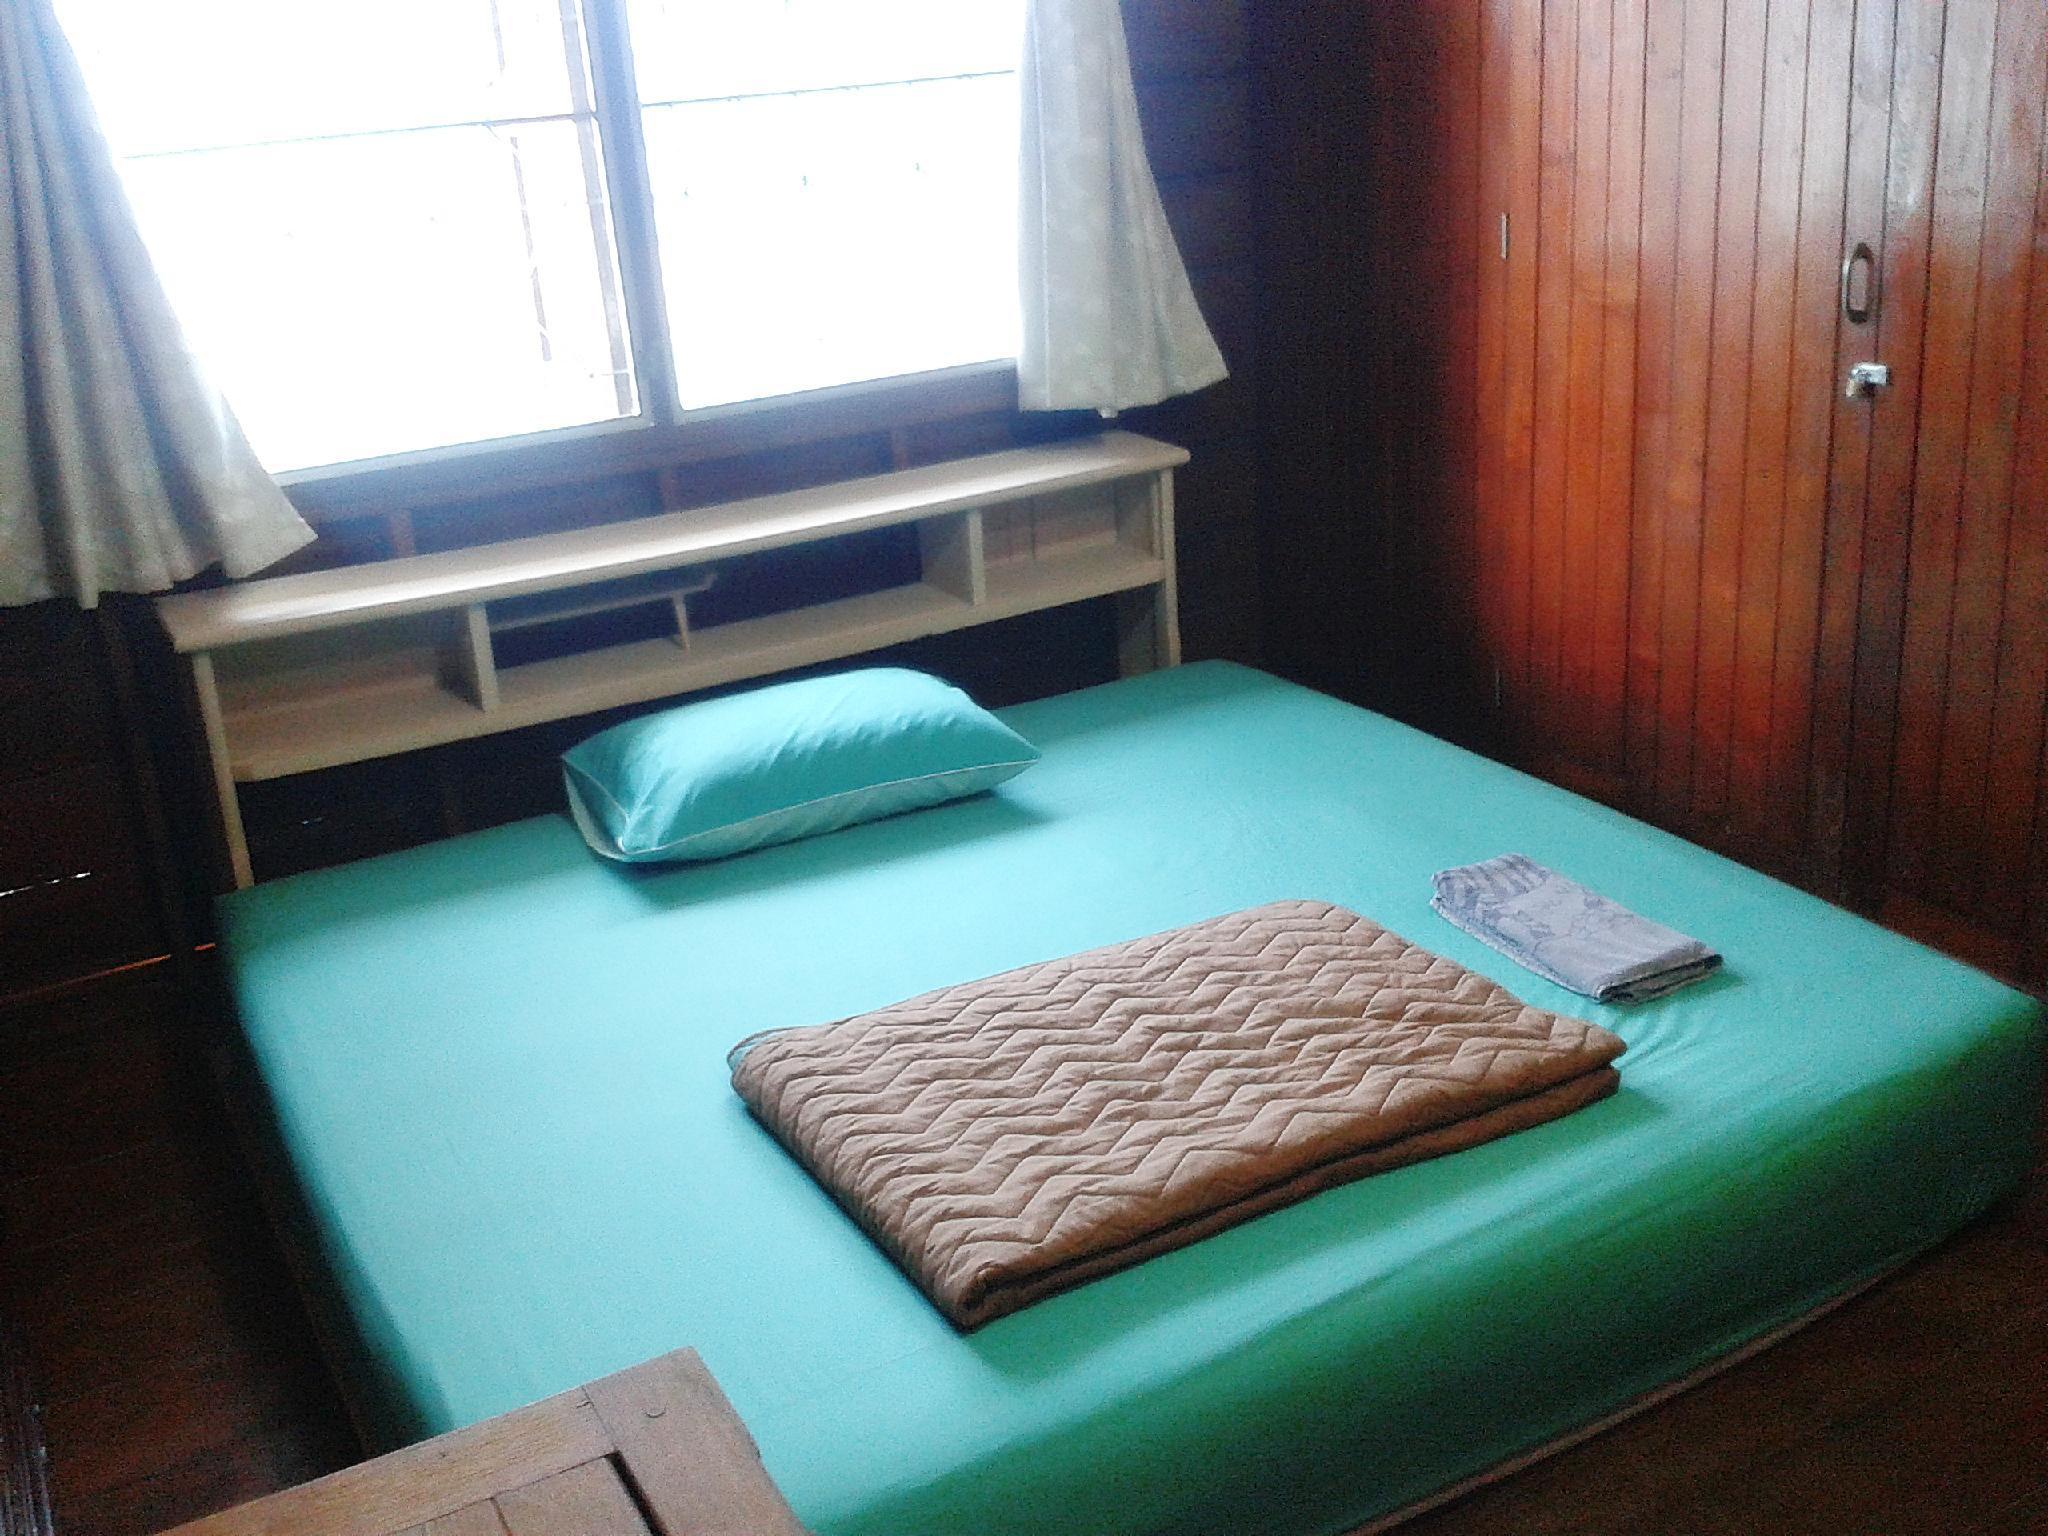 บ้านเดี่ยว 3 ห้องนอน 2 ห้องน้ำส่วนตัว ขนาด 60 ตร.ม. – ท่าวาสุกรี